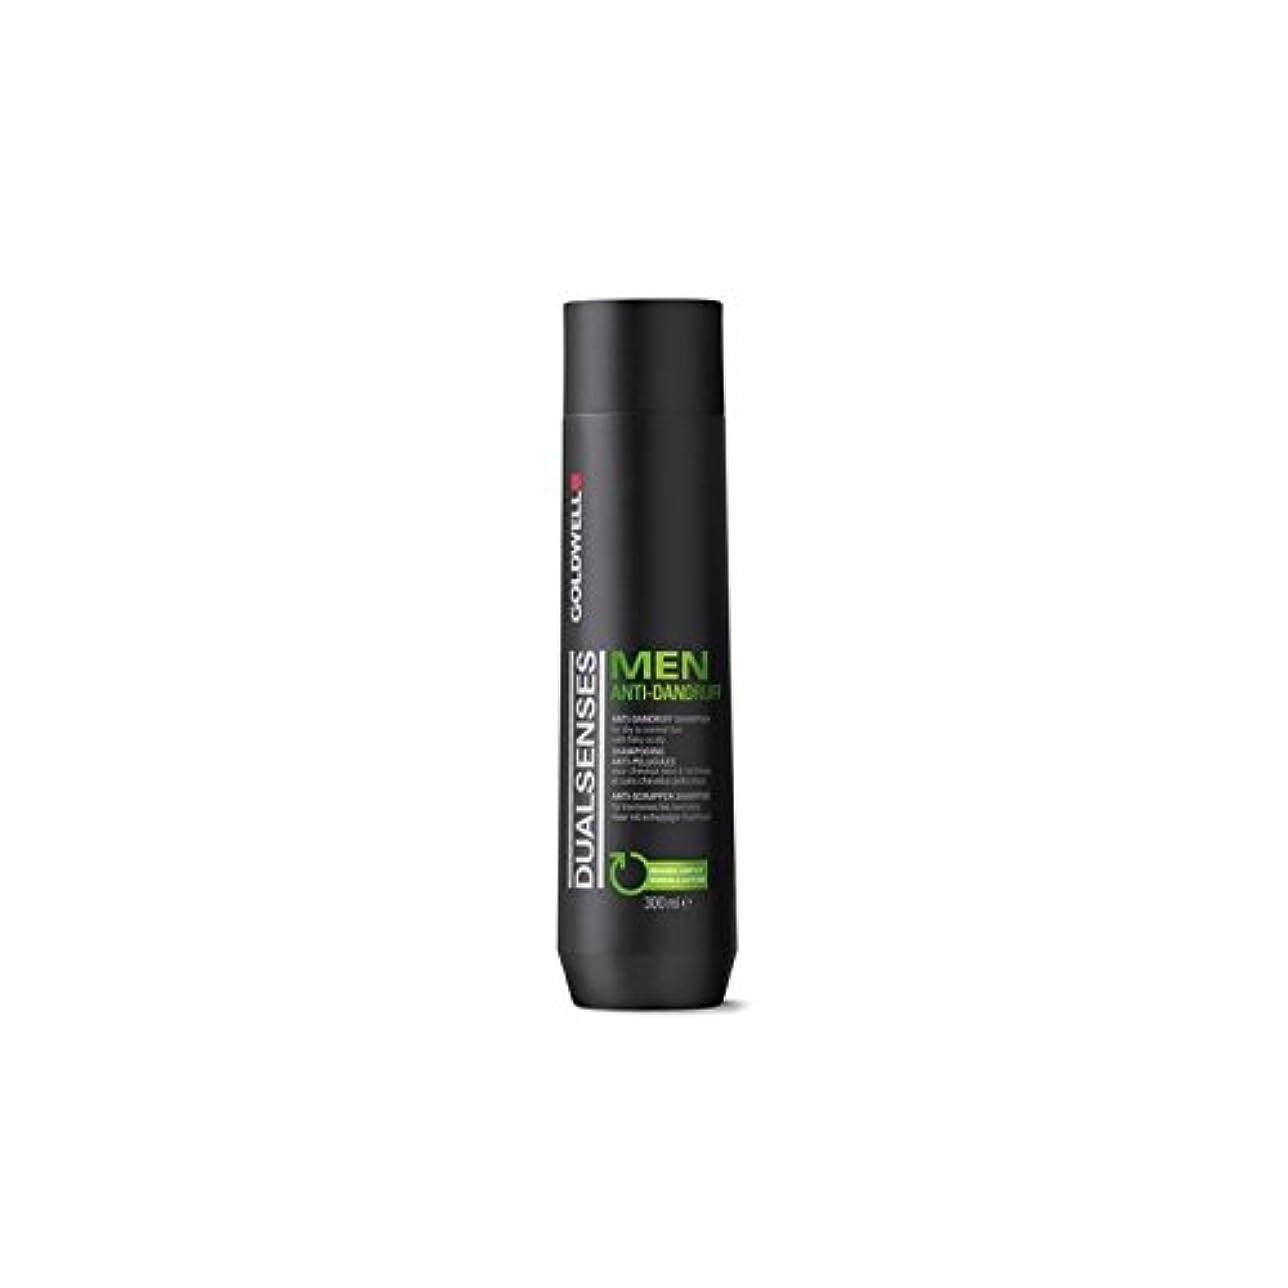 無傷コンサート抹消フケ防止シャンプー(300ミリリットル)男性のためのの x4 - Goldwell Dualsenses For Men Anti-Dandruff Shampoo (300ml) (Pack of 4) [並行輸入品]